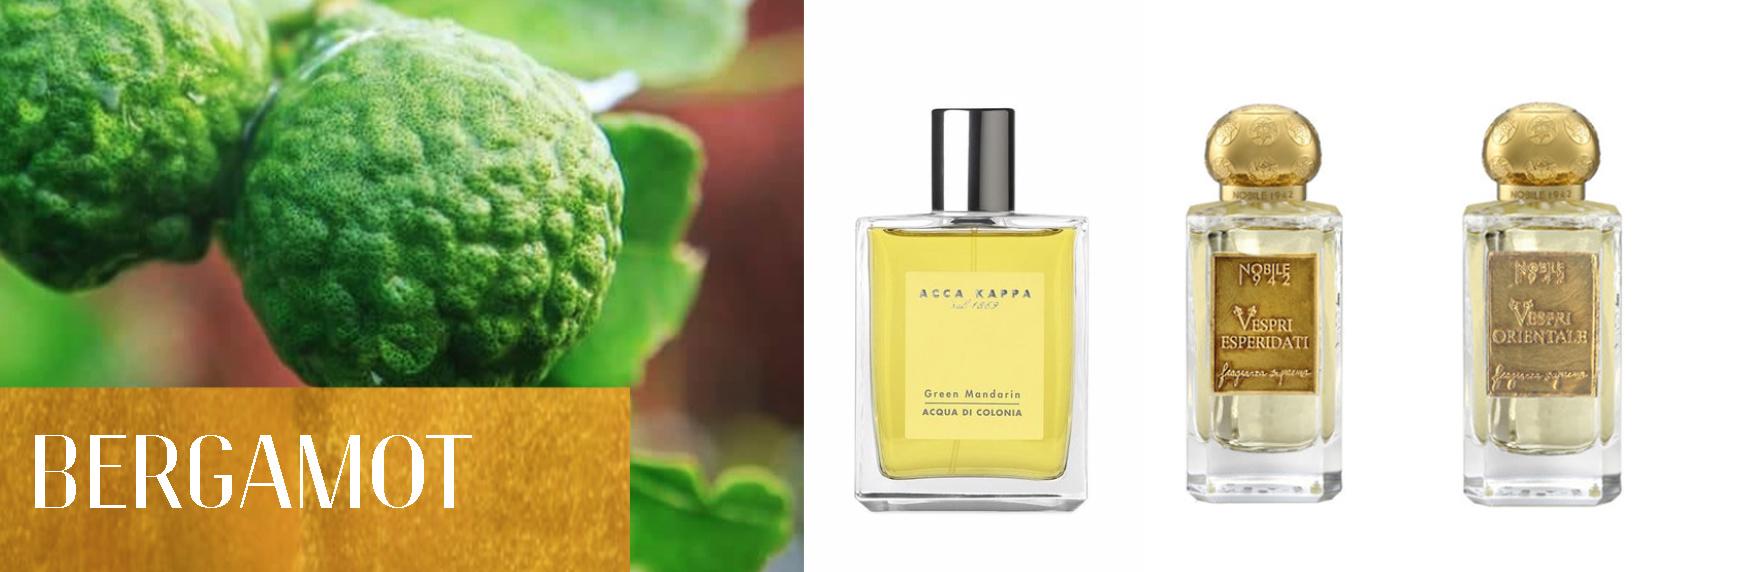 Perfume Ingredients: Bergamot